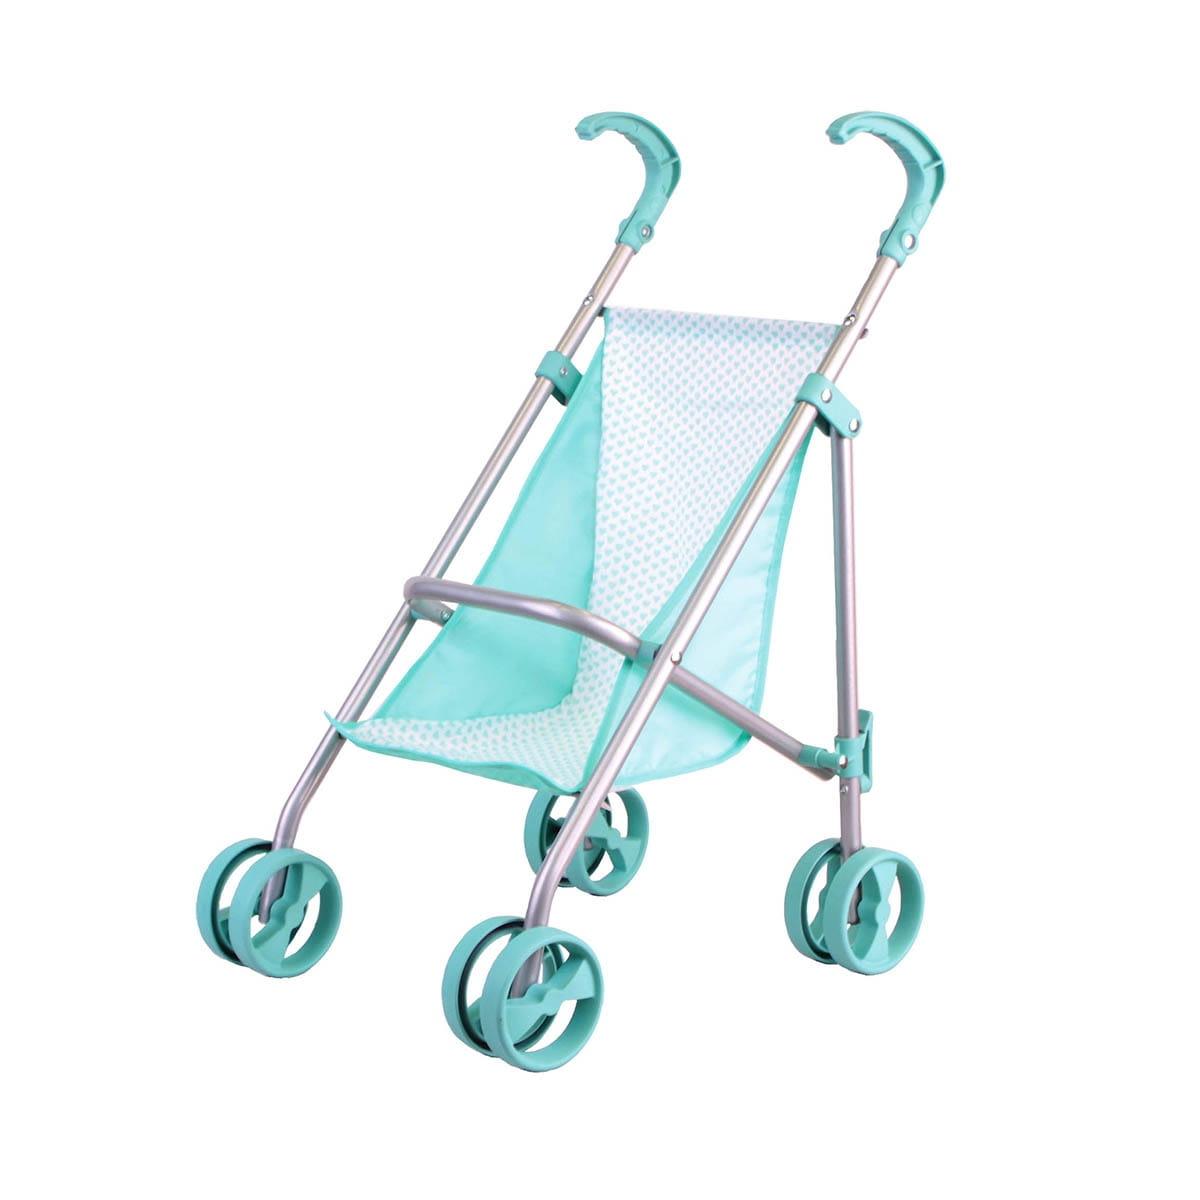 Прогулочная коляска для кукол Gulliver 22-11005-1 Классическая - мятная